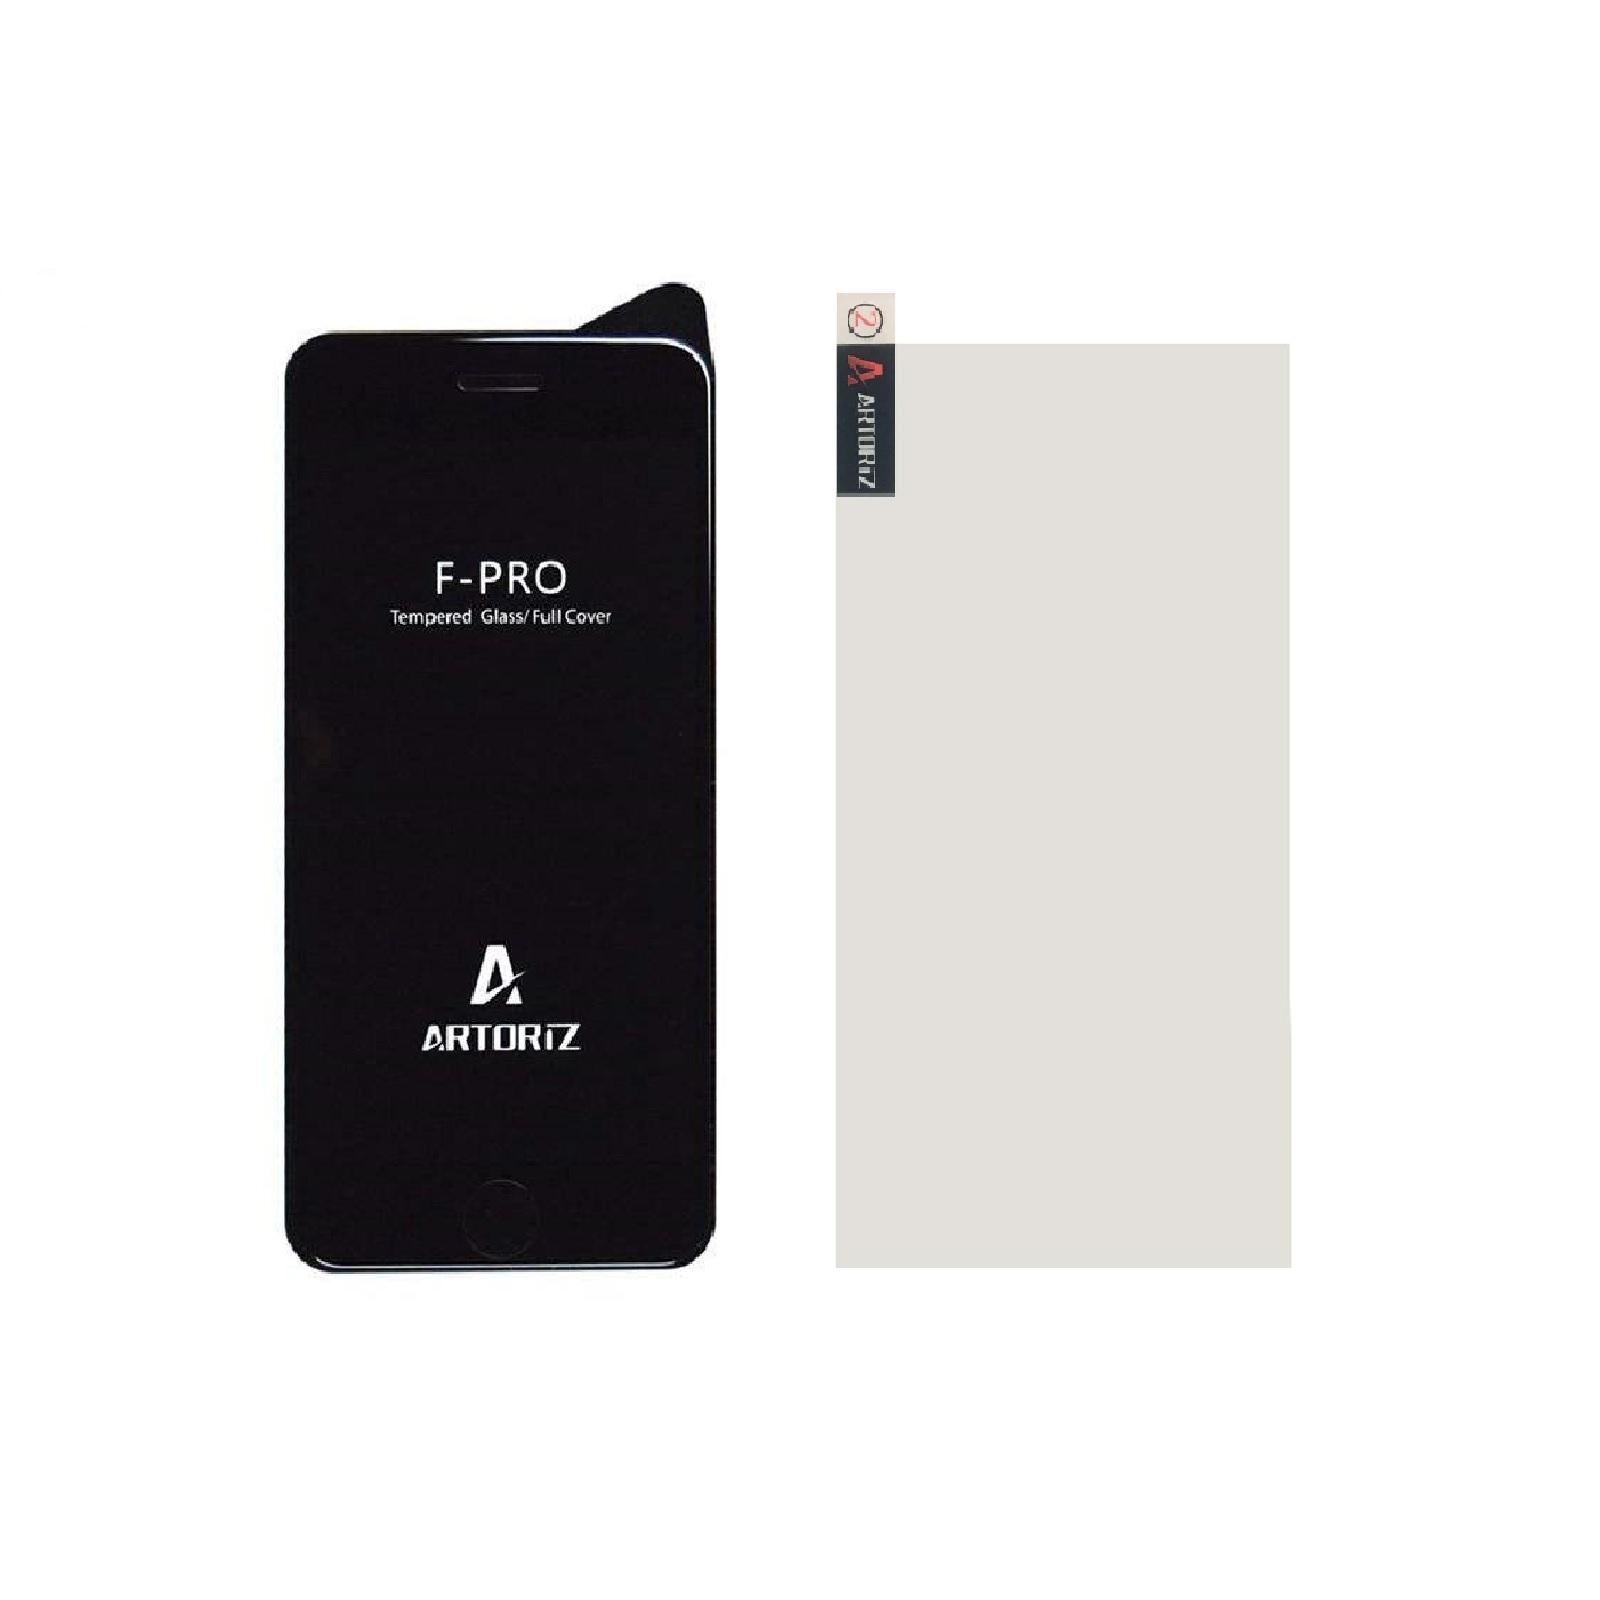 محافظ صفحه نمایش و پشت گوشی آرتوریز مدل AZ مناسب برای گوشی موبایل اپل iPhone 7/8 Plus